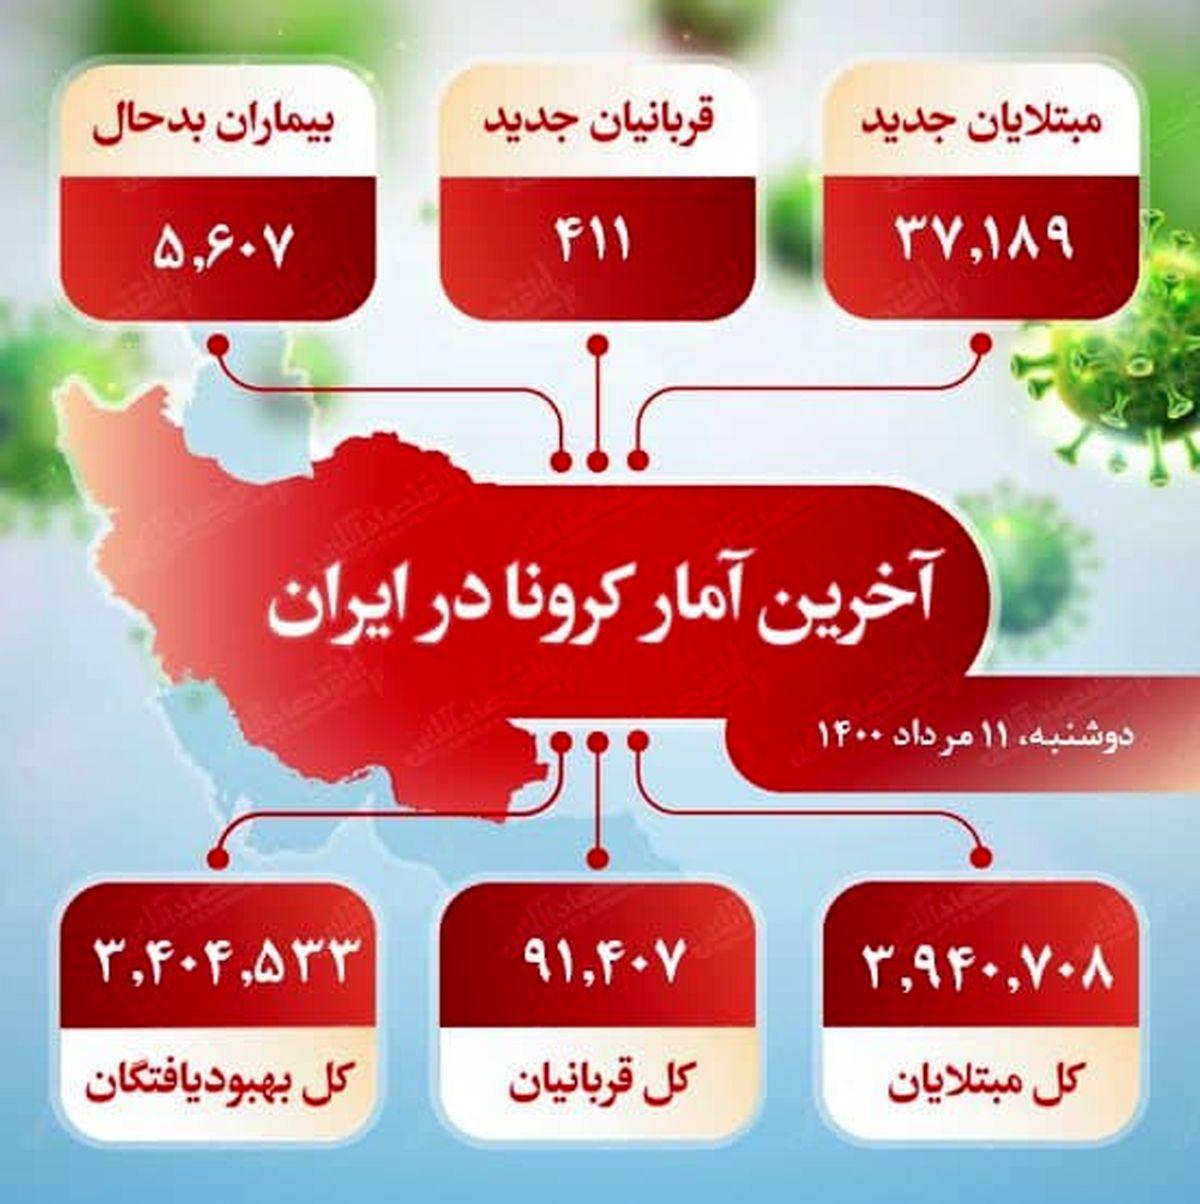 آخرین آمار کرونا در ایران (۱۴۰۰/۵/۱۱)